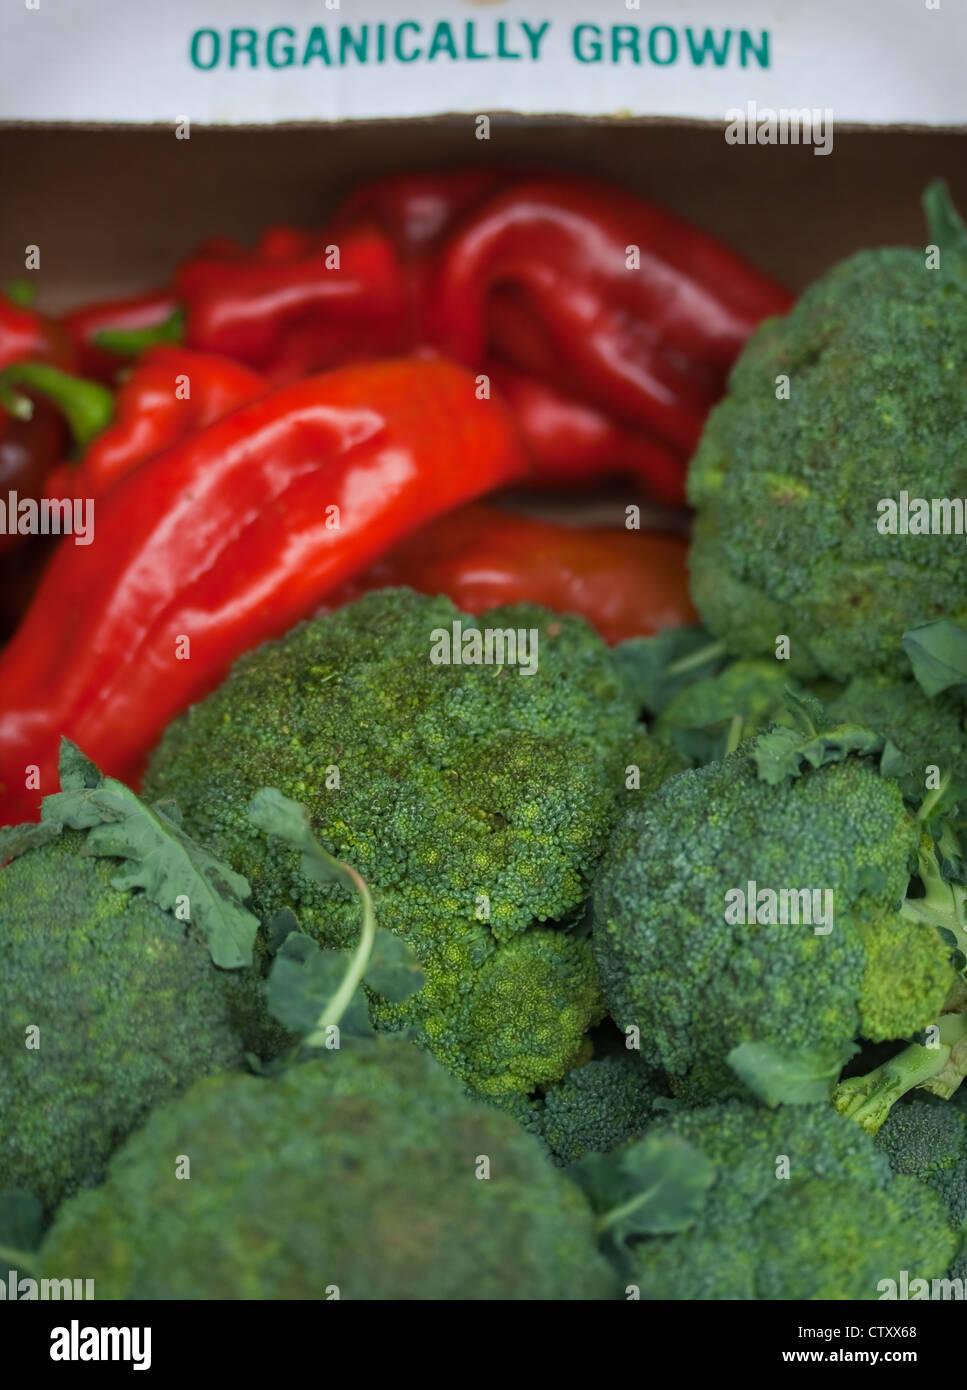 Légumes issus de l'écran, y compris le brocoli et poivrons rouges, Devon, UK Photo Stock